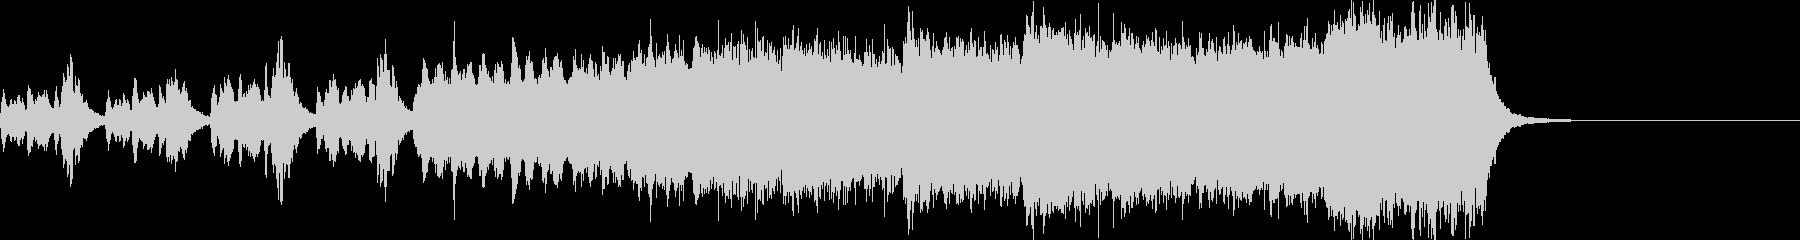 パイプオルガンの厳粛な音色が印象的の未再生の波形